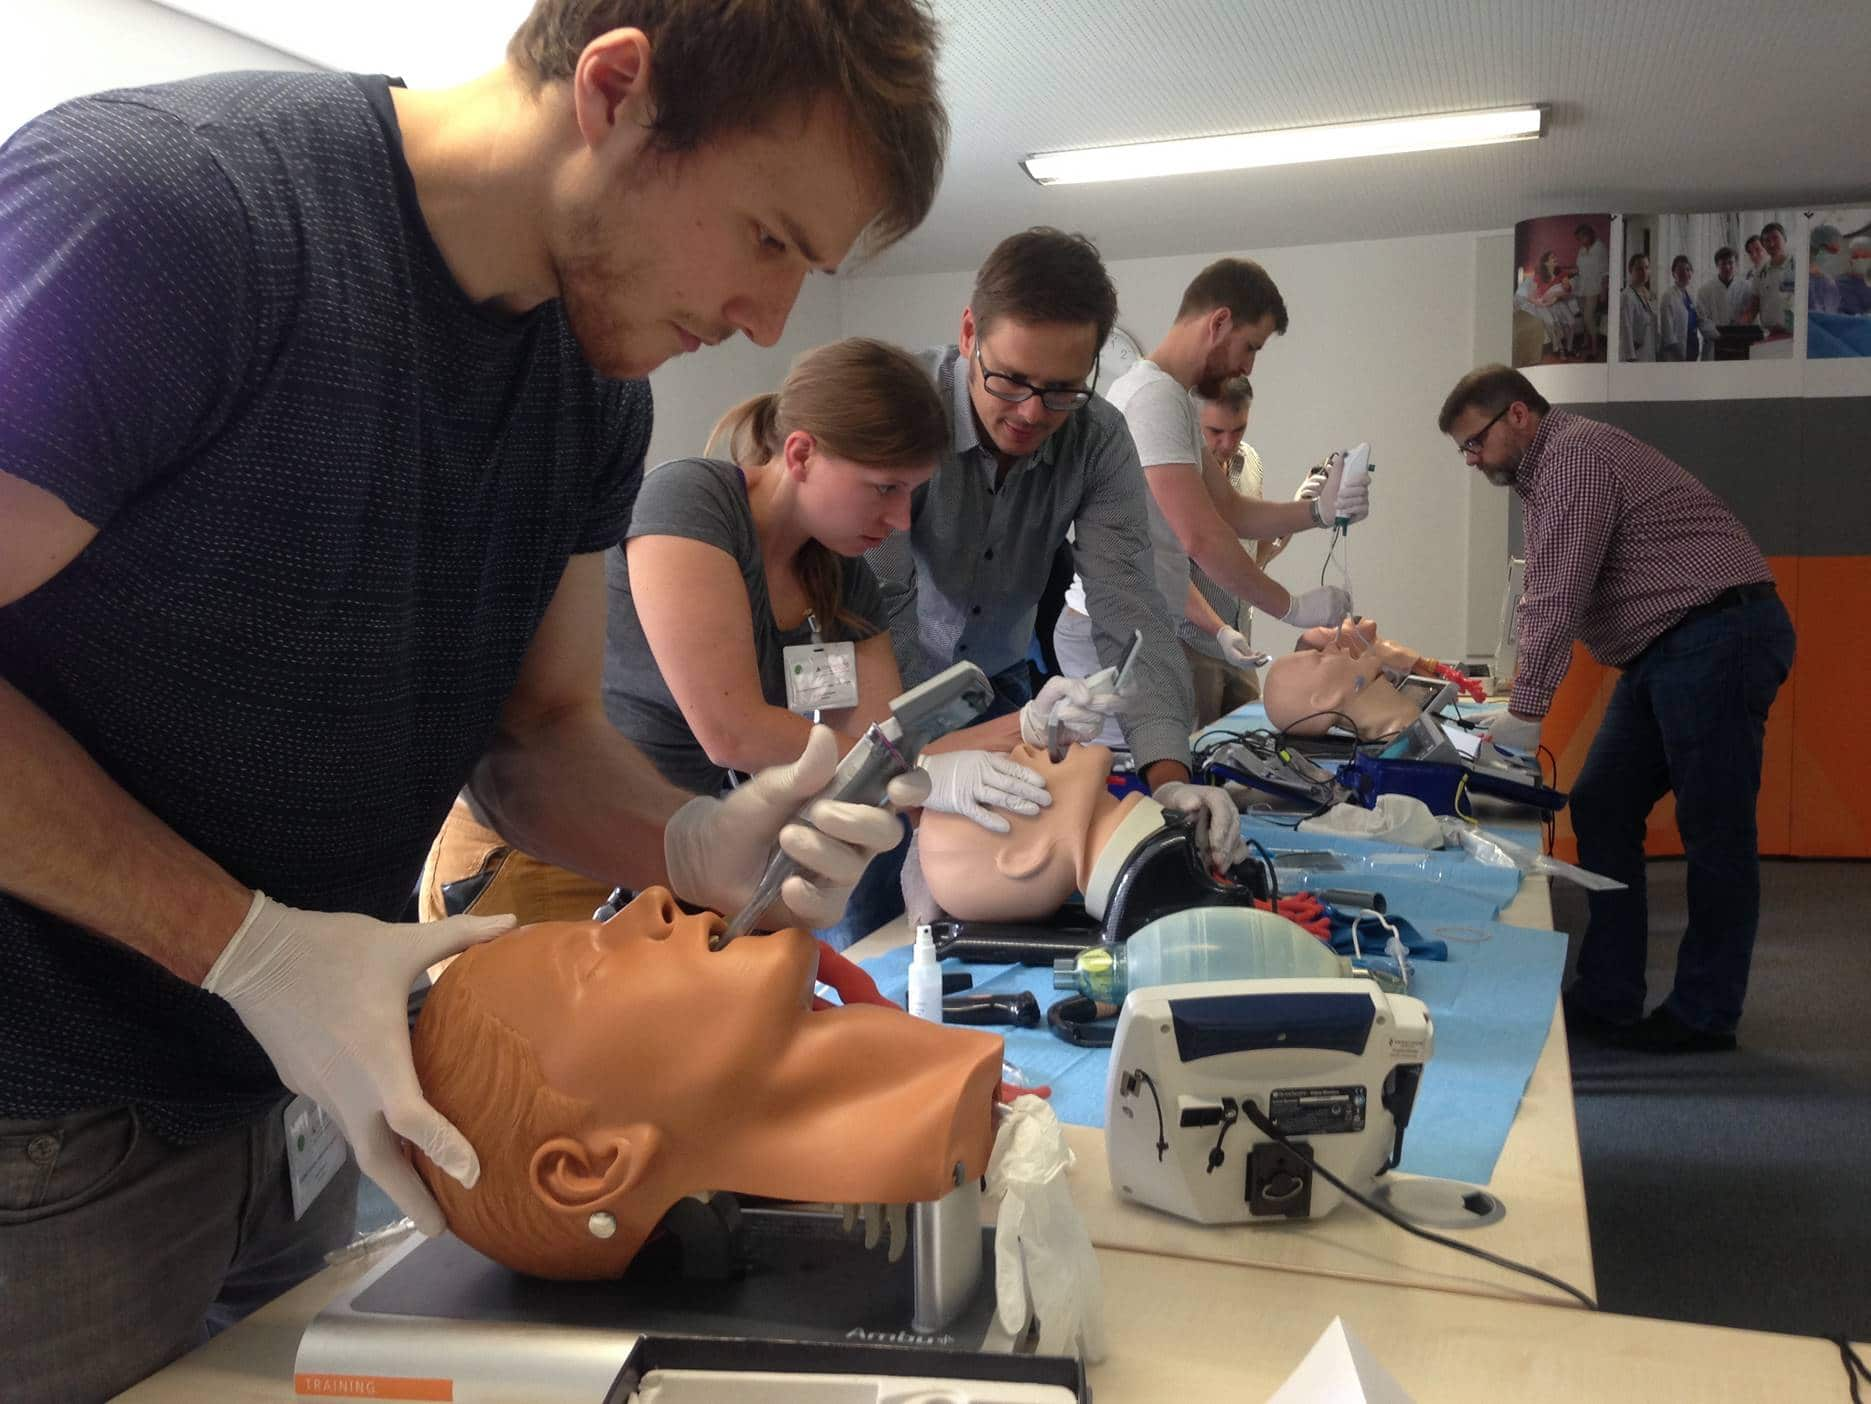 Christophorus-Kliniken Klinik fuer Anaesthesie und operative Intensivmedizin richtete landesweiten Workshop fuer Notaerzte zu Atemwegsmanagement aus